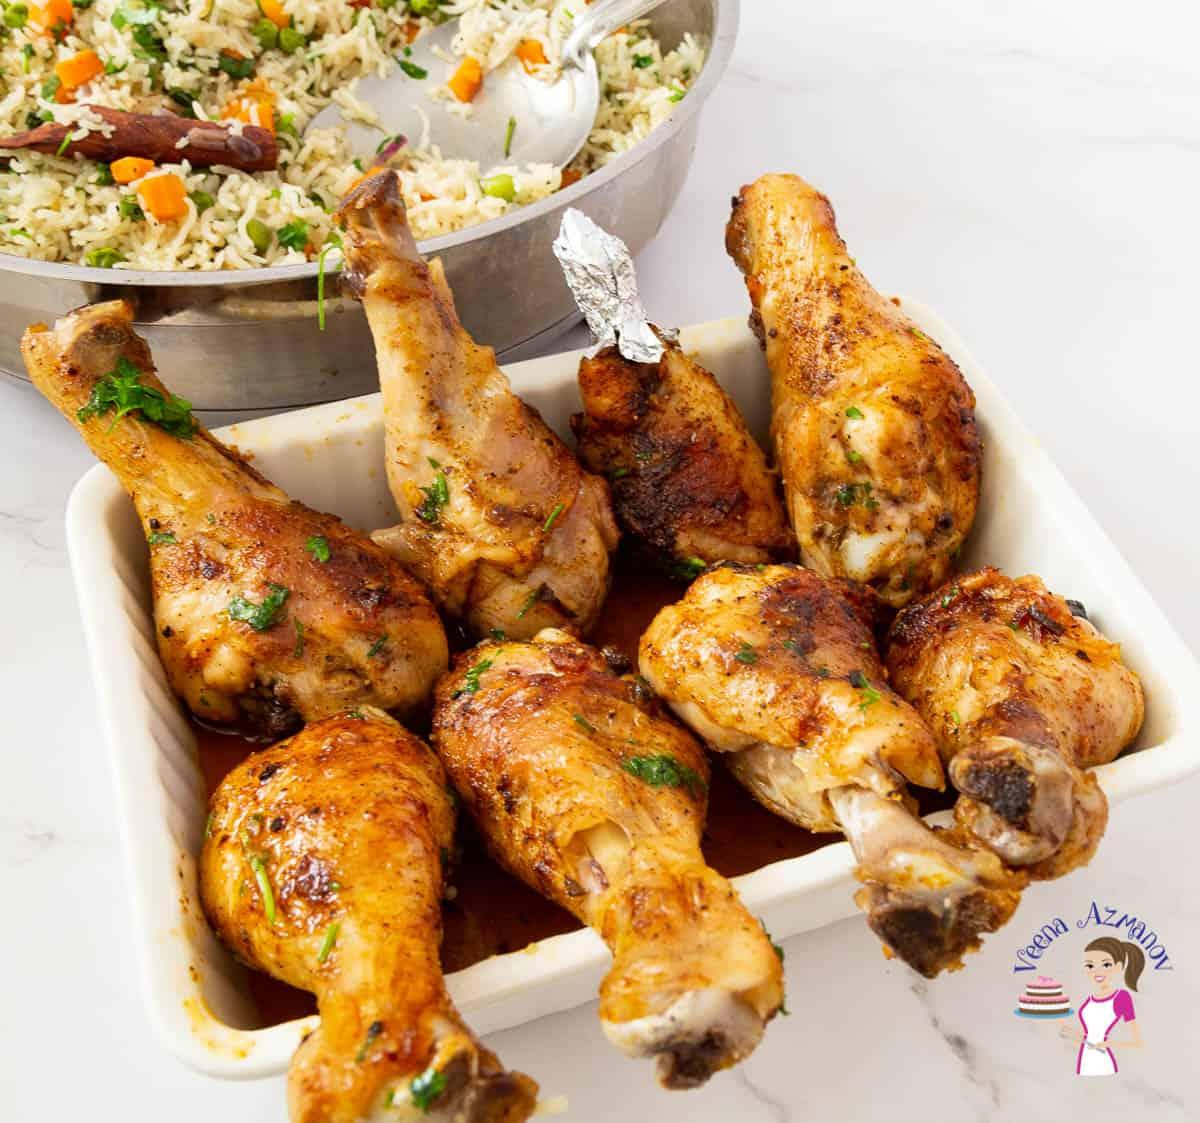 8 chicken drumsticks in a ceramic dish